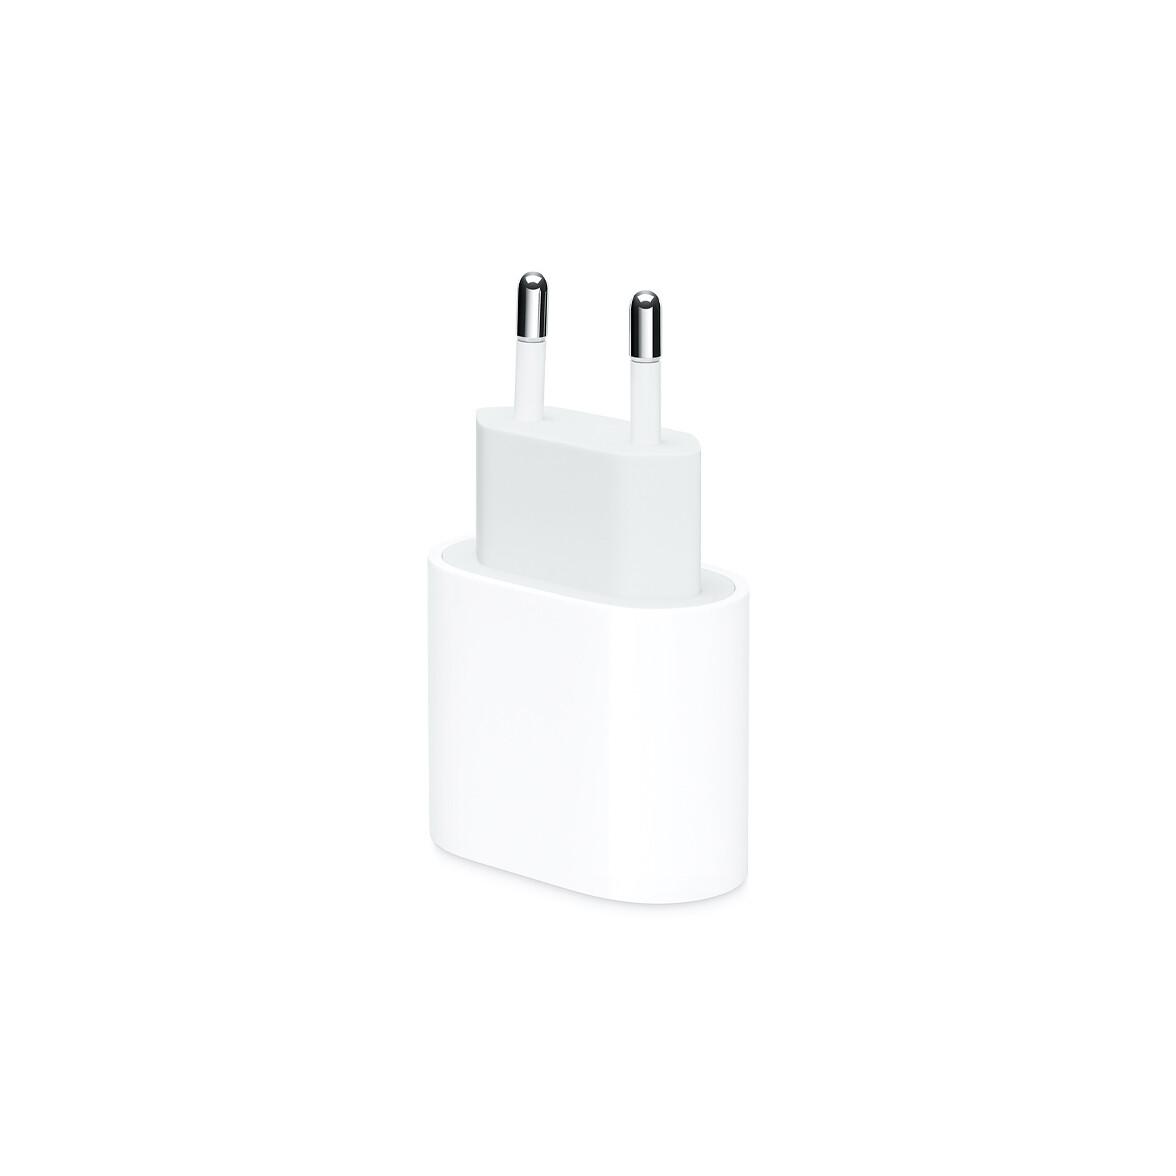 Сетевое зарядное Apple USB-C мощностью 18 Вт